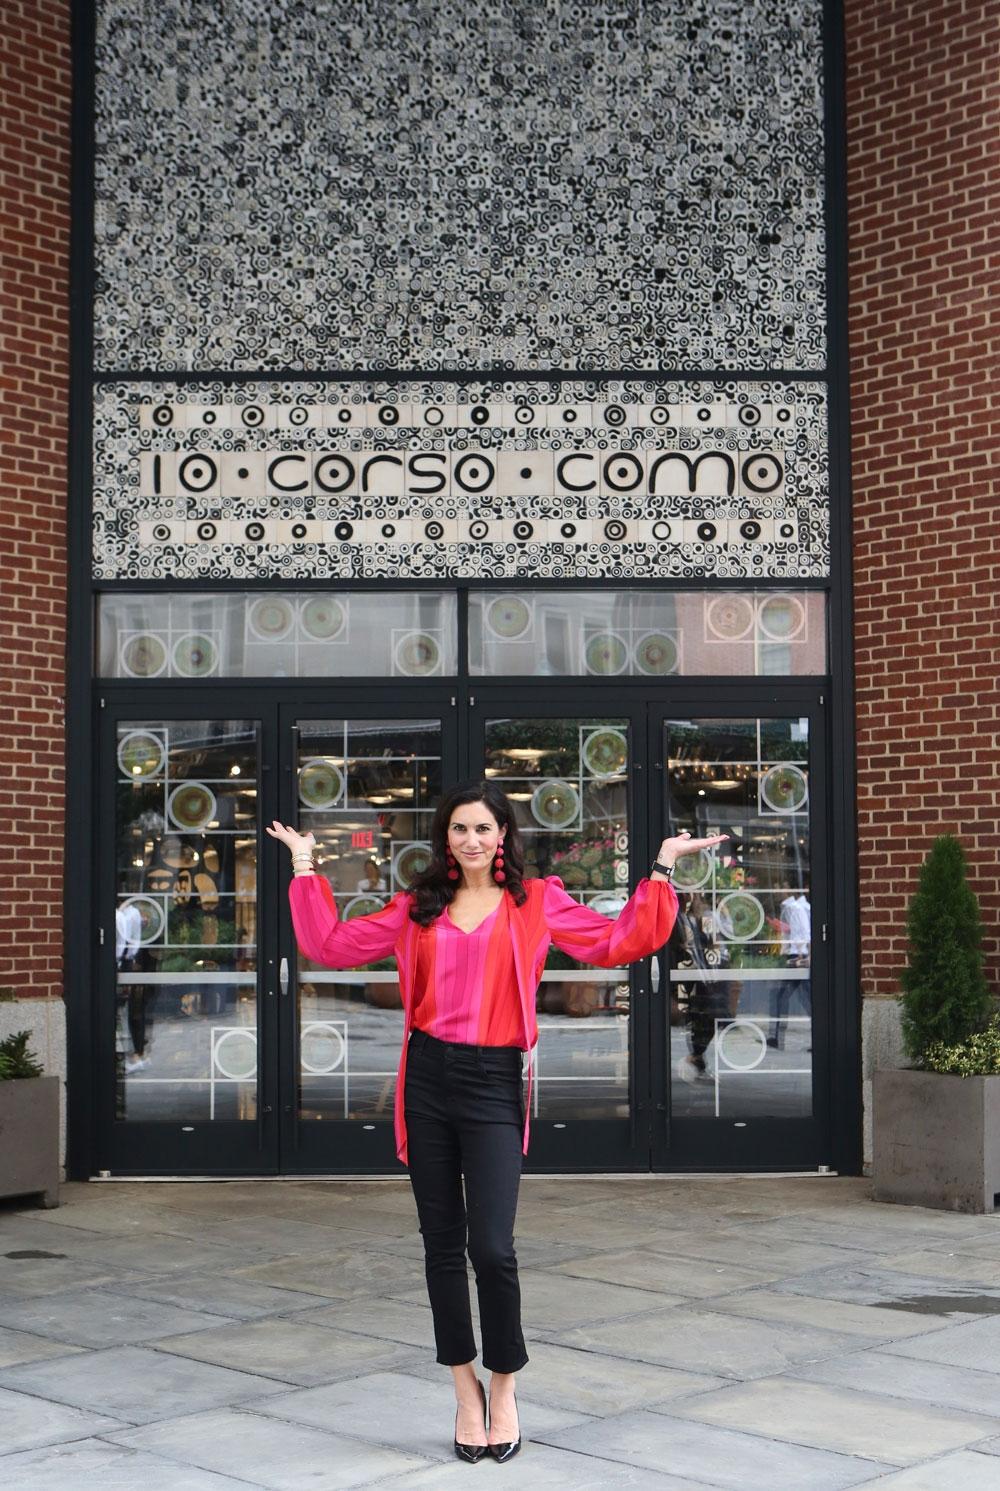 Elisabeth-Jones-Hennessy-10-Corso-Como-NYC-06.jpg